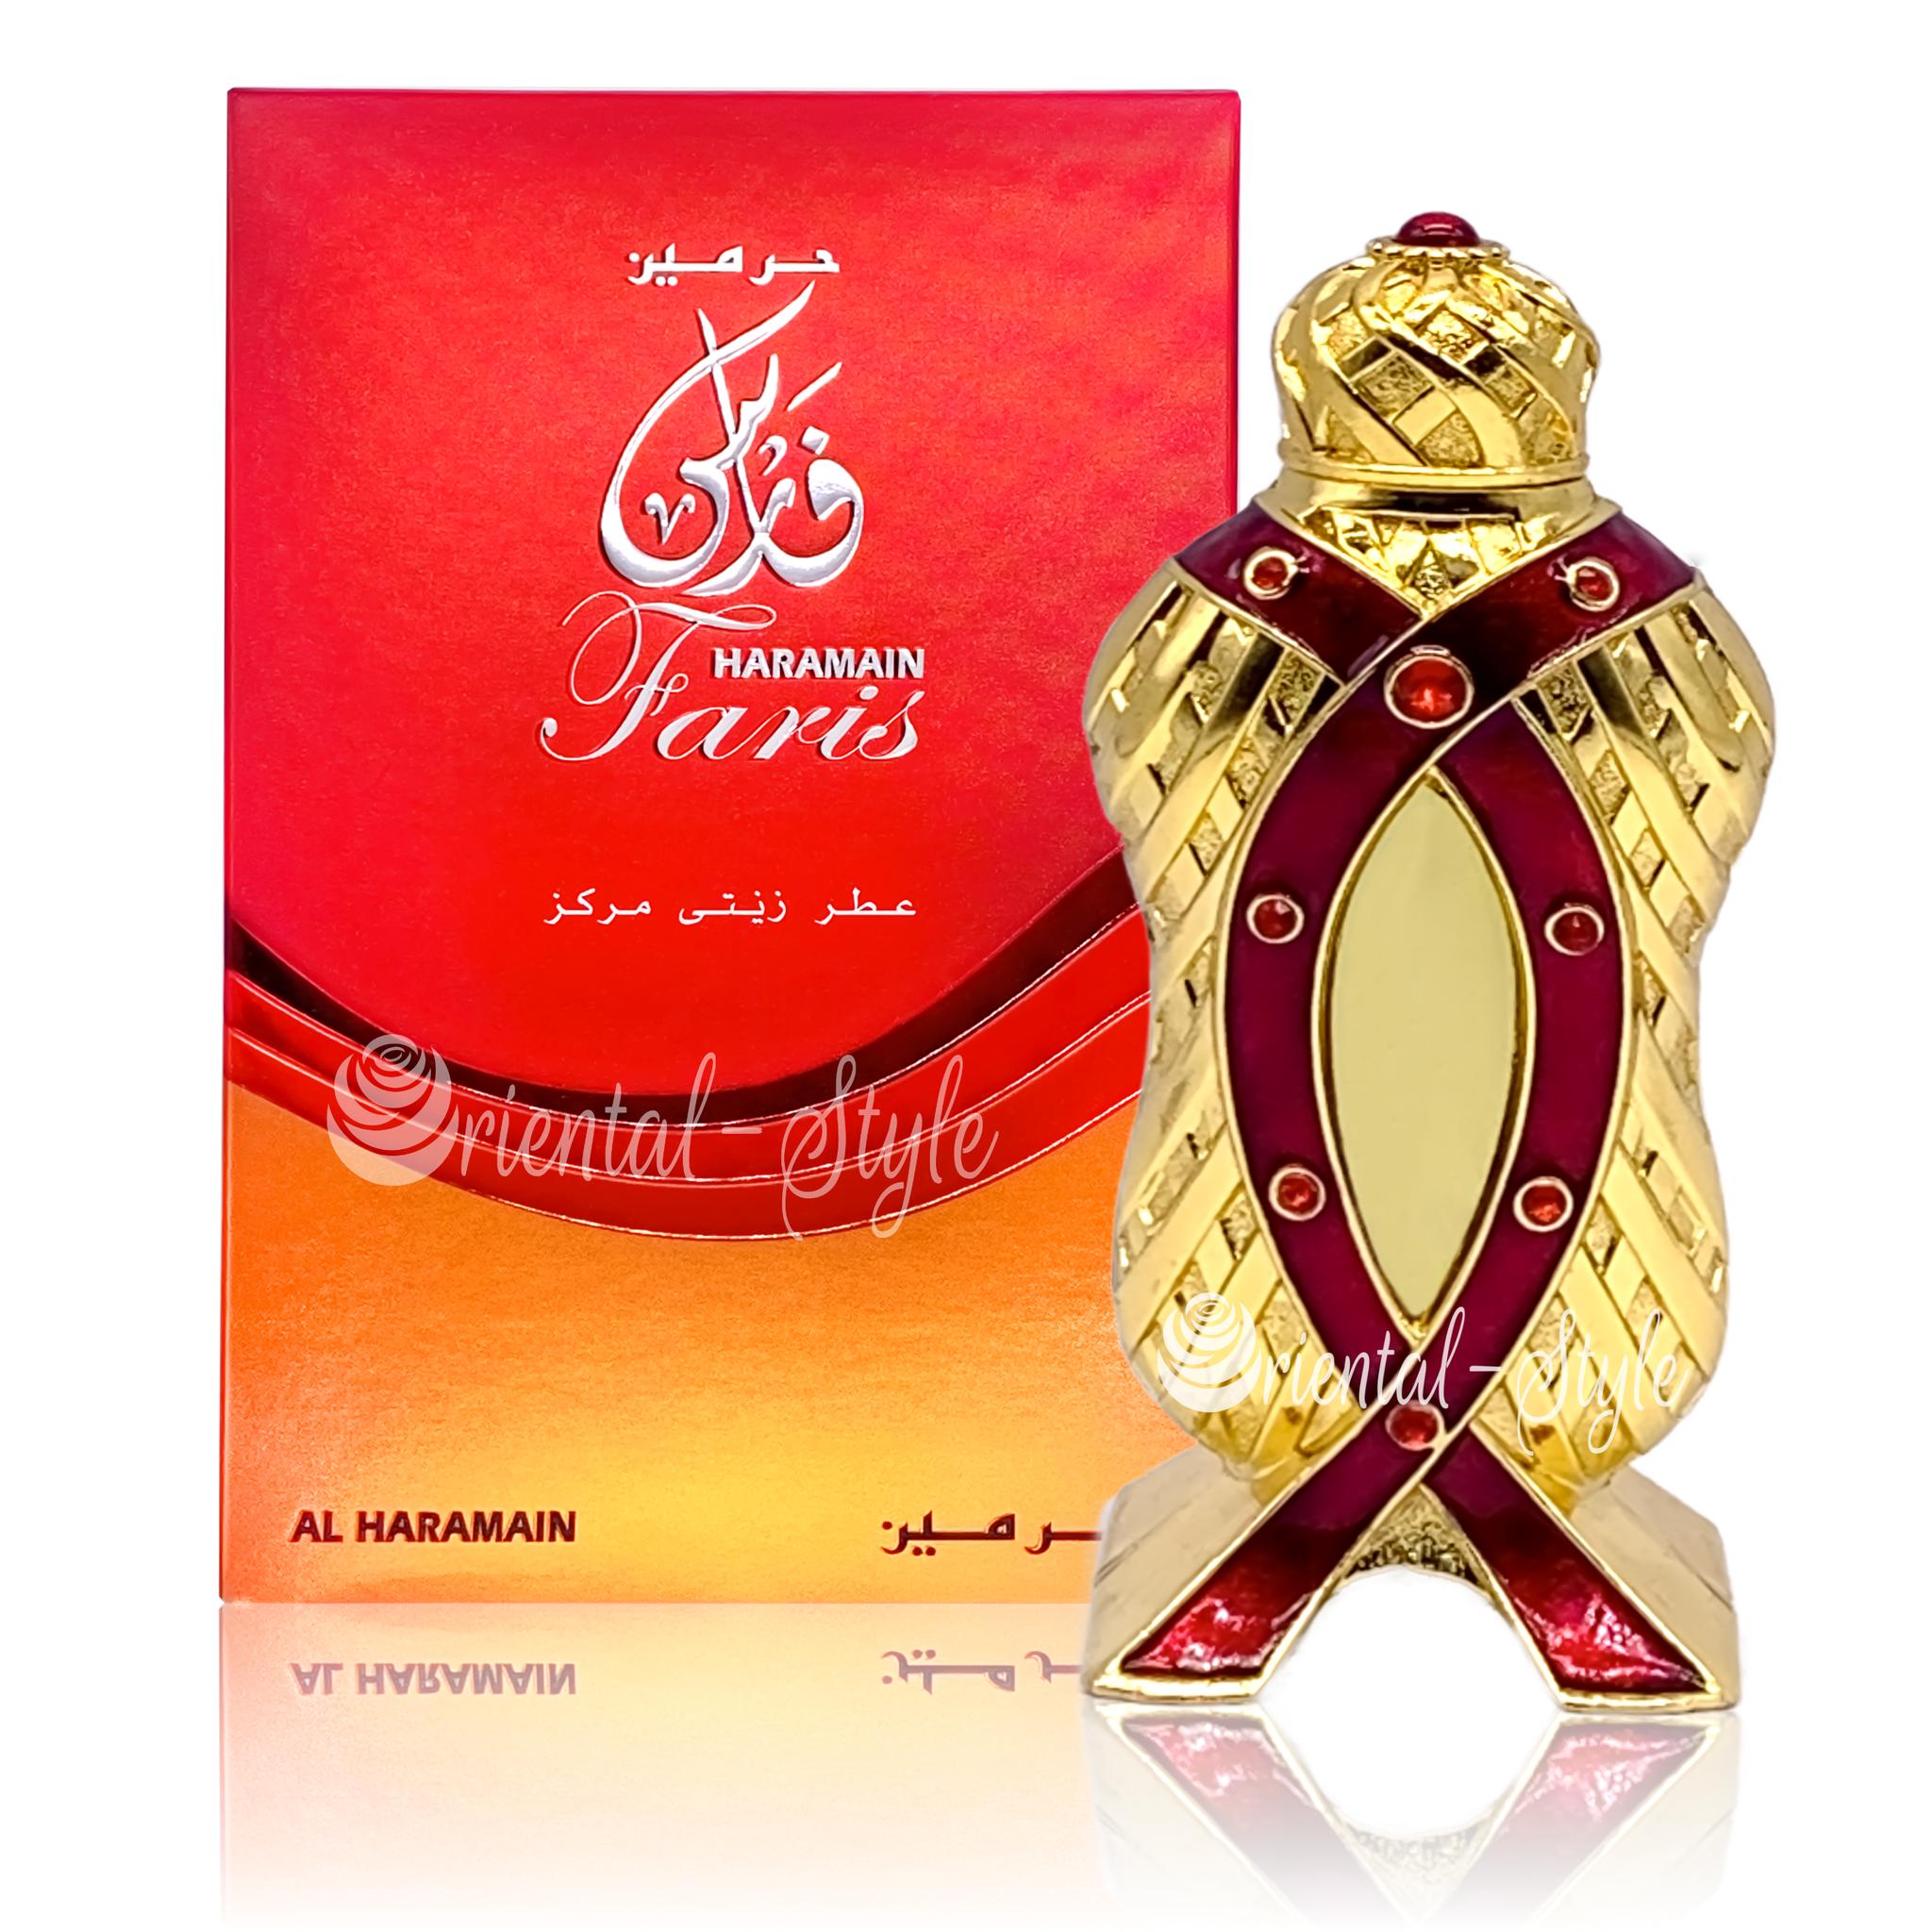 Parfümöl Faris von Al Haramain Attar Parfüm